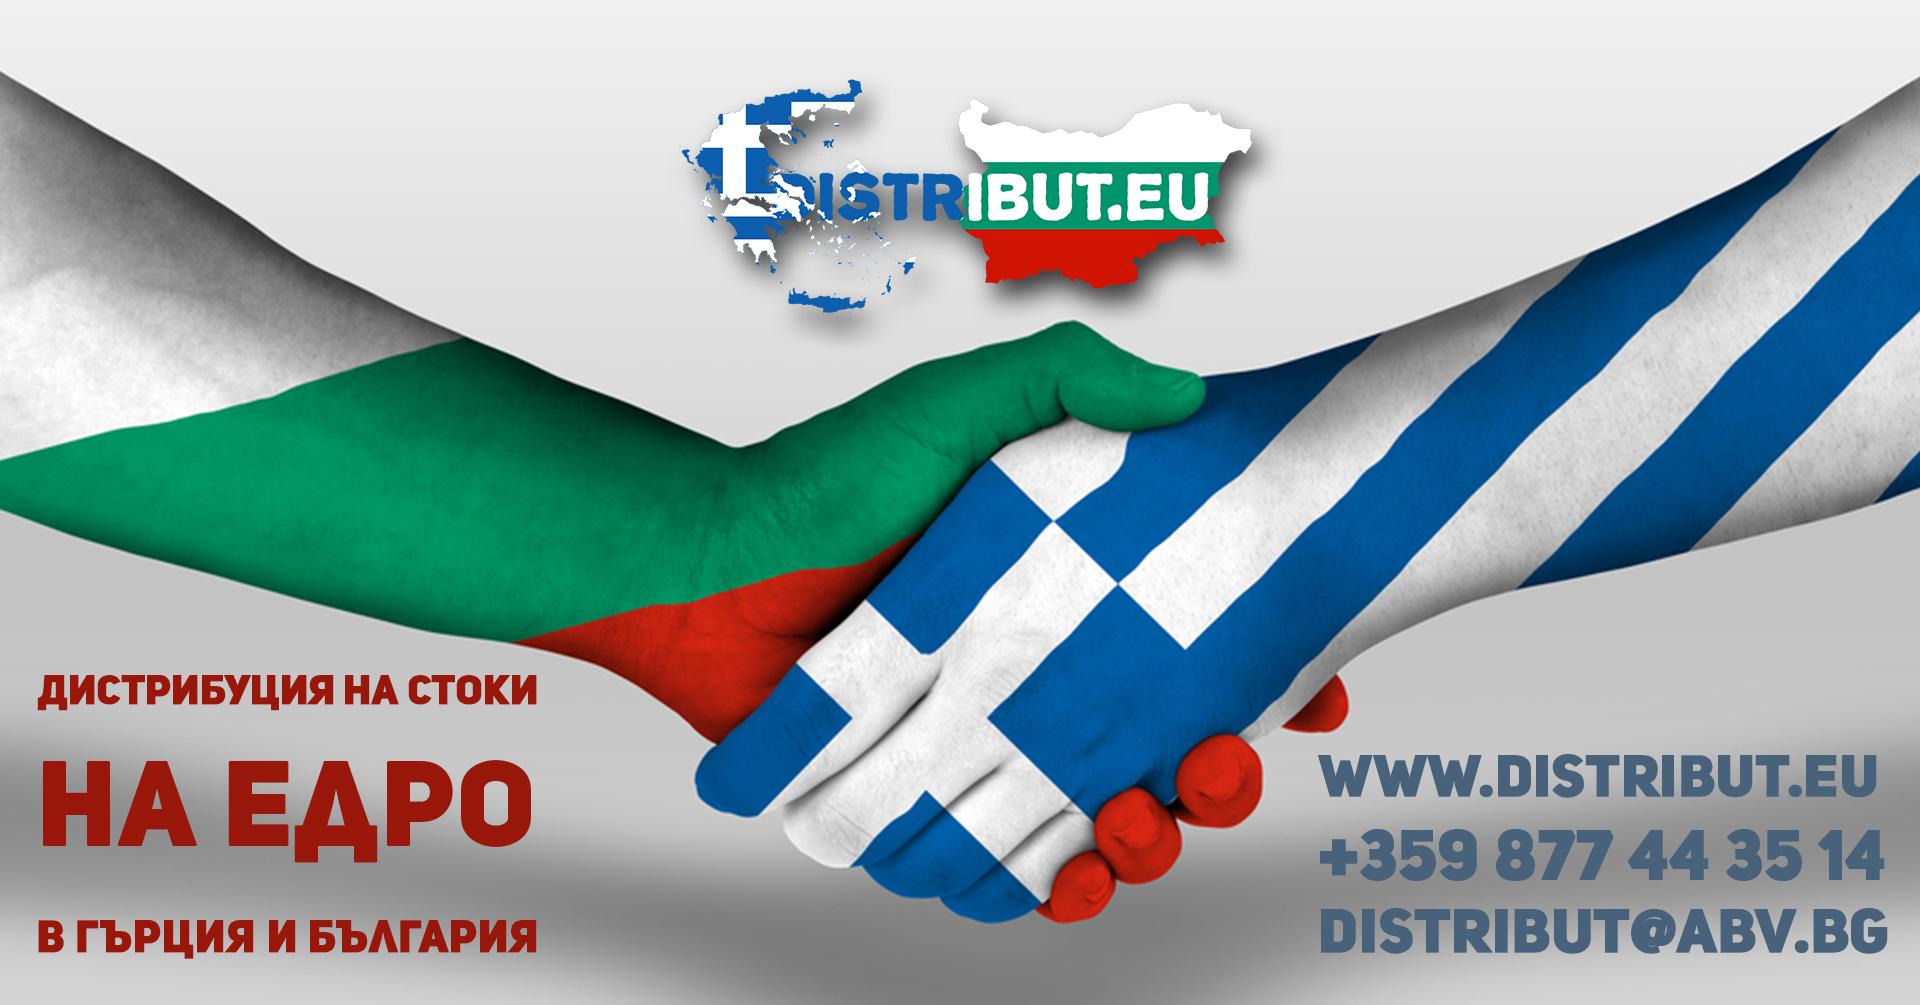 Дистрибуция на стоки на едро в Гърция и България